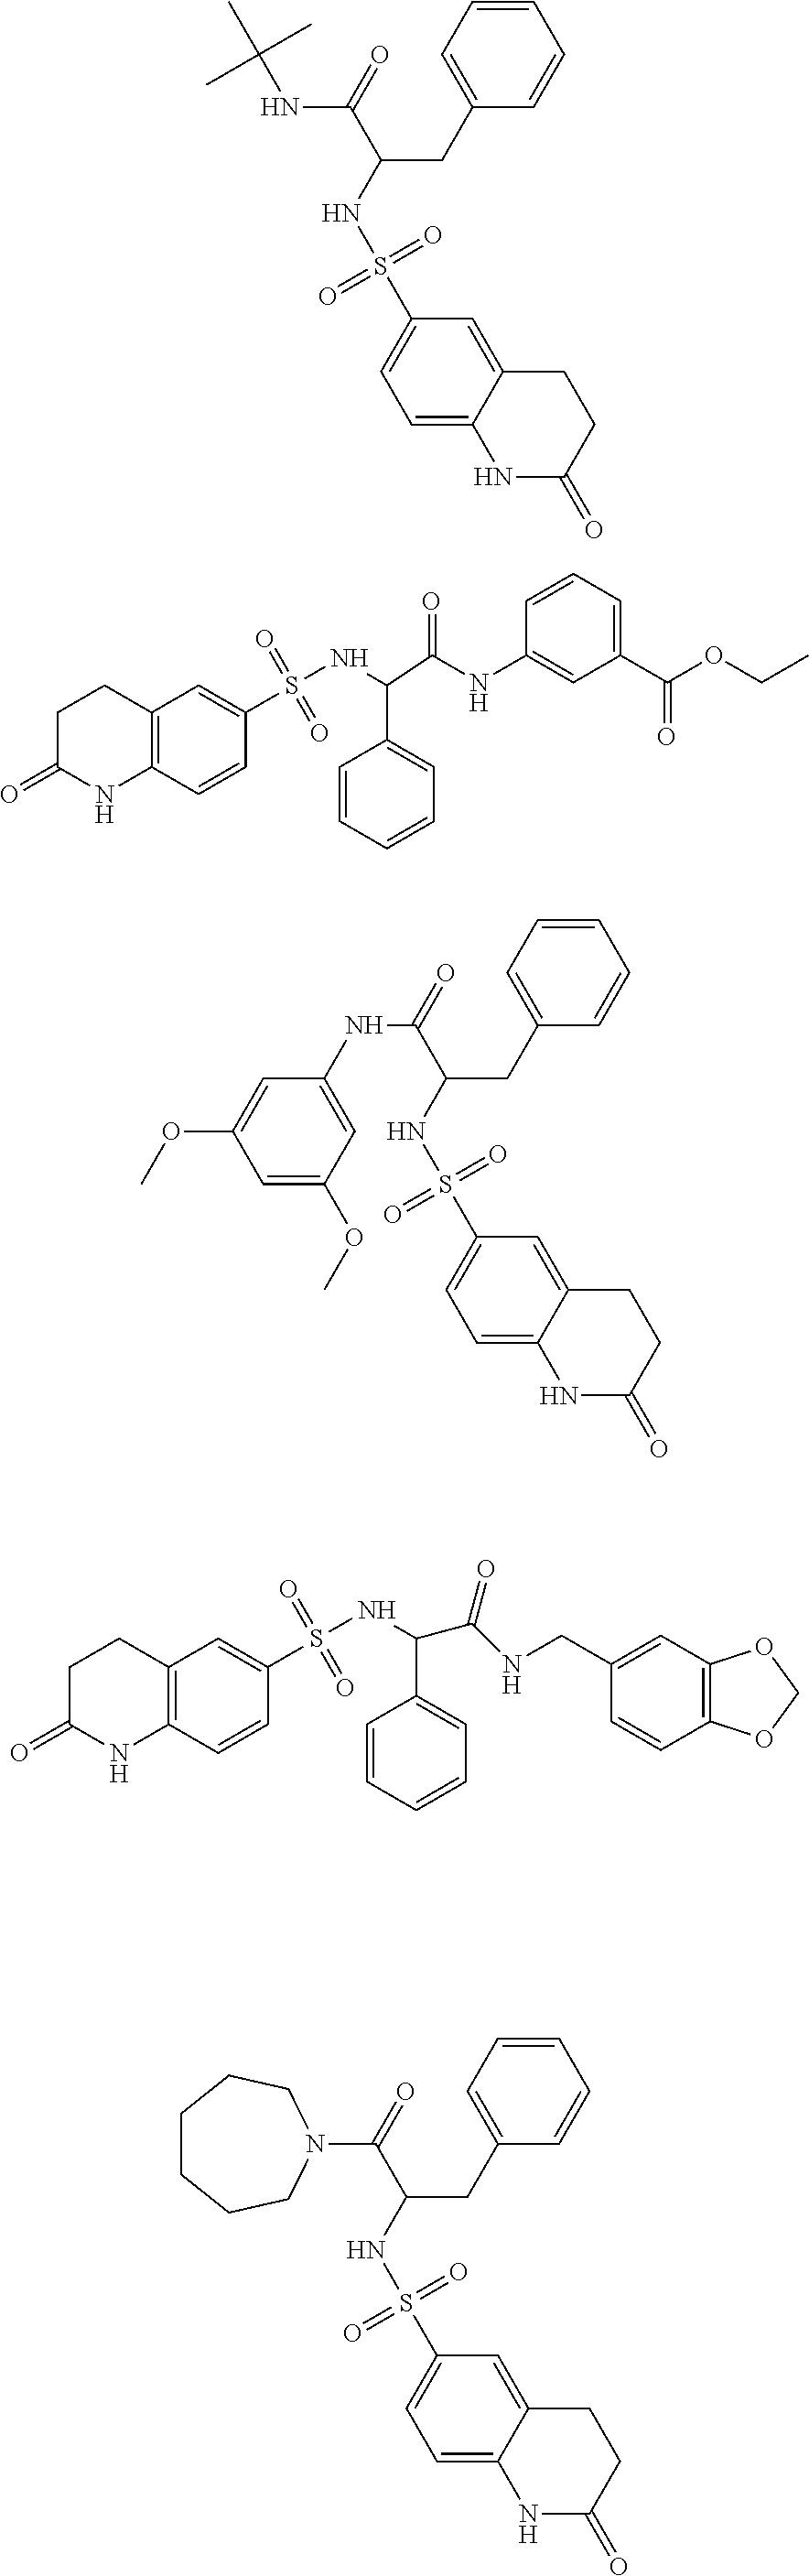 Figure US08957075-20150217-C00017